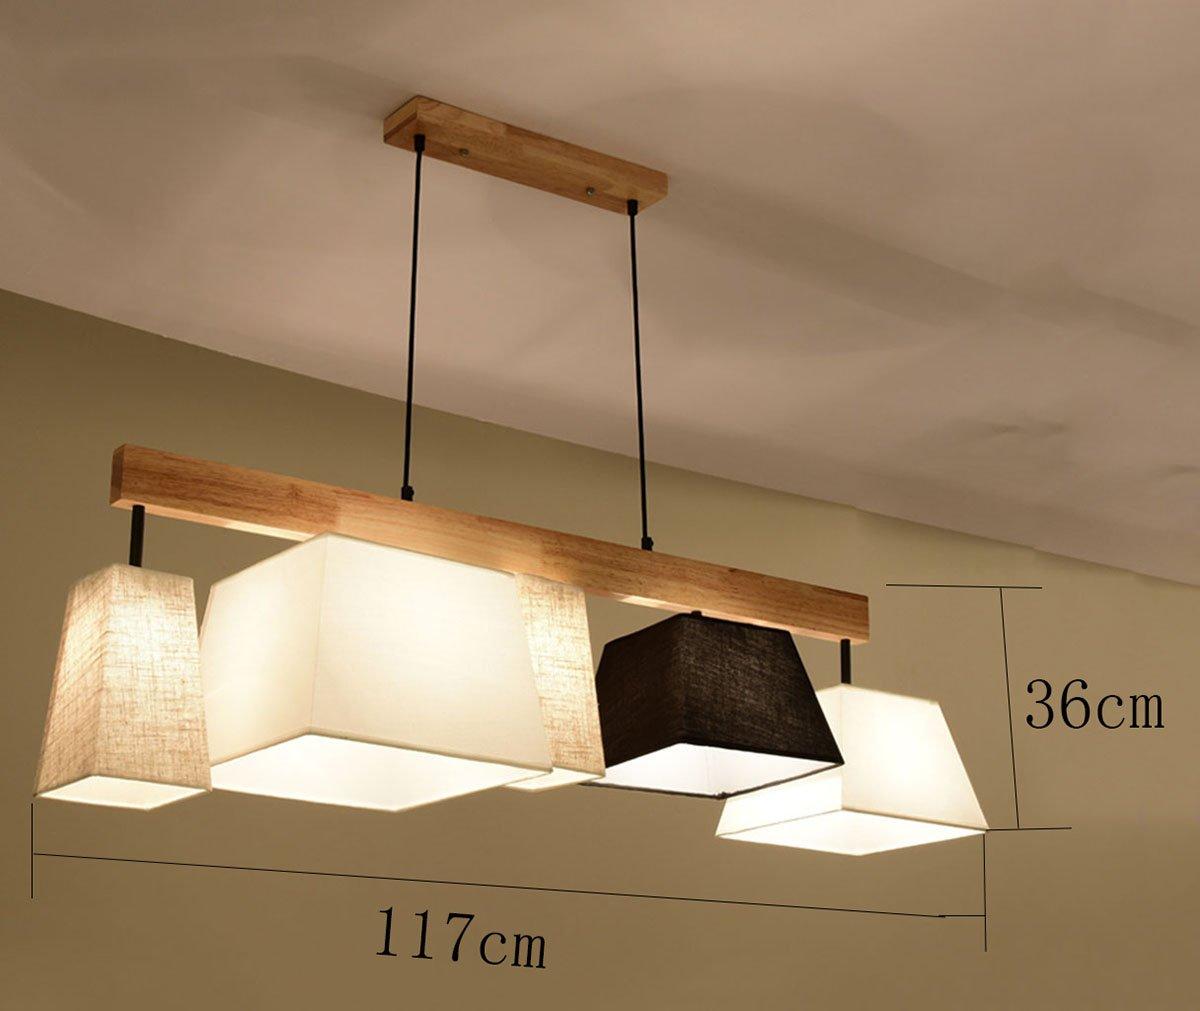 Holz Pendelleuchte Esstisch Deckenleuchte Wohnzimmer Lampe E27 Decke Kronleuchter Kronleuchter Kronleuchter (Farbe   3) 52d9e8